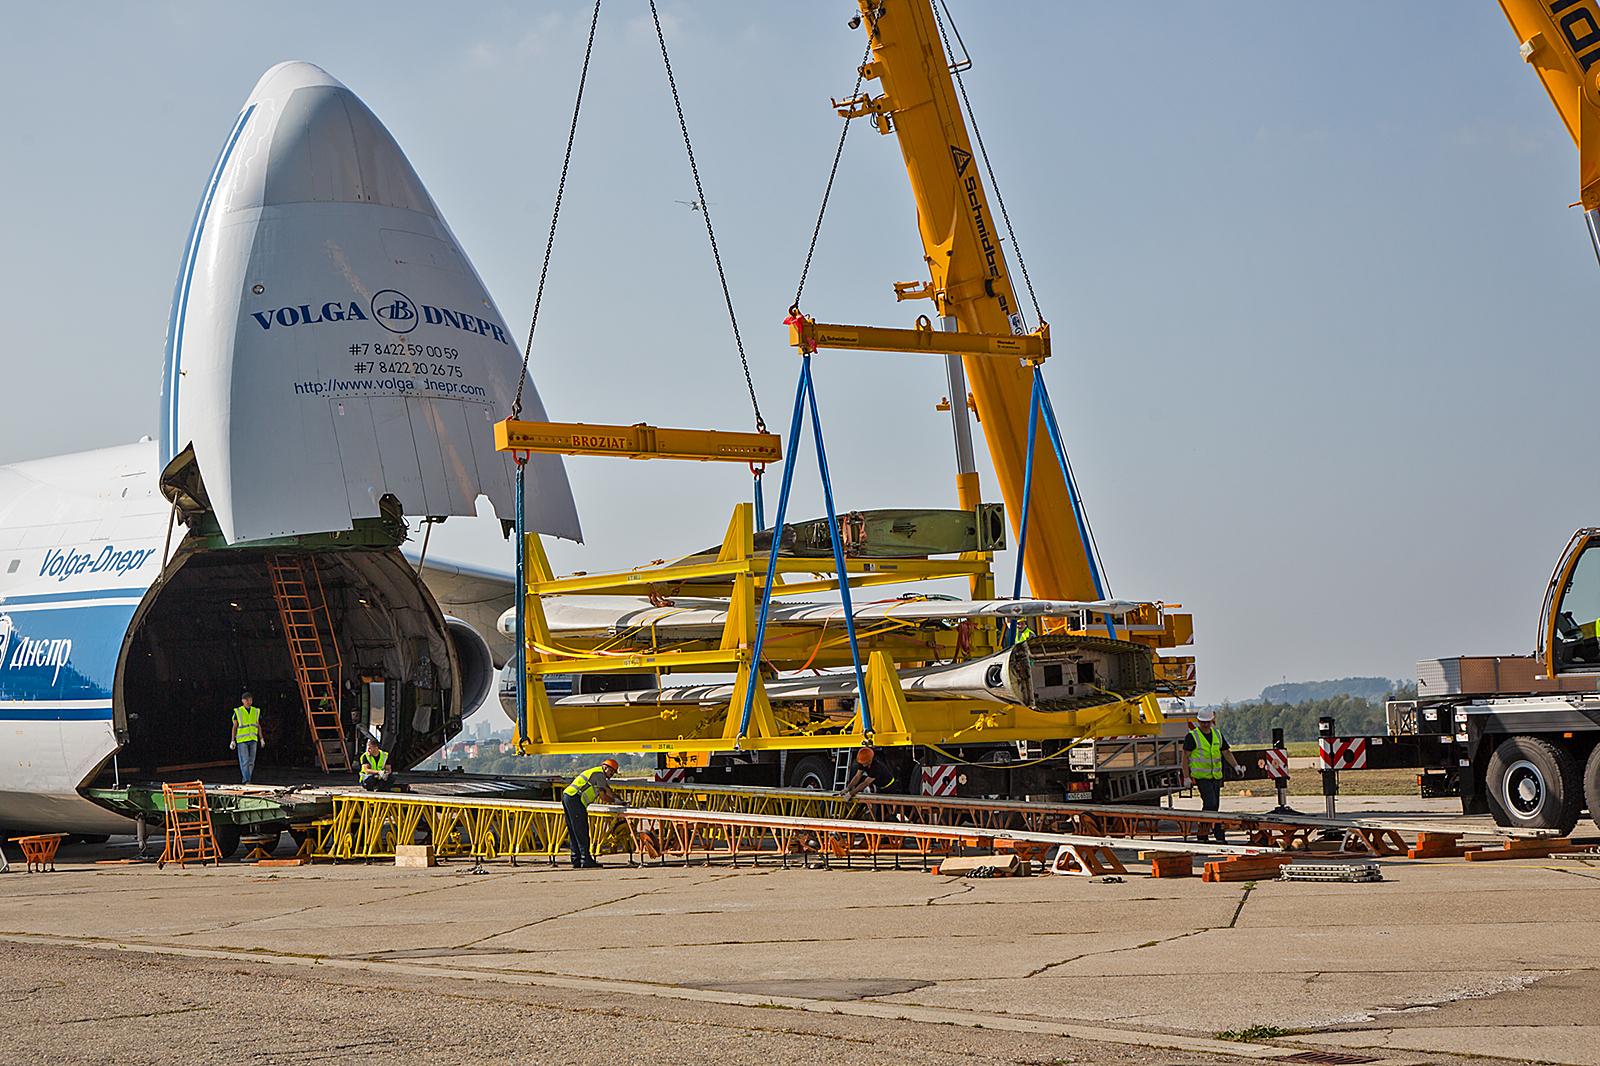 Das Gestell mit den Tragflächen und dem Seitenleitwerk wird aus der Antonov entladen.